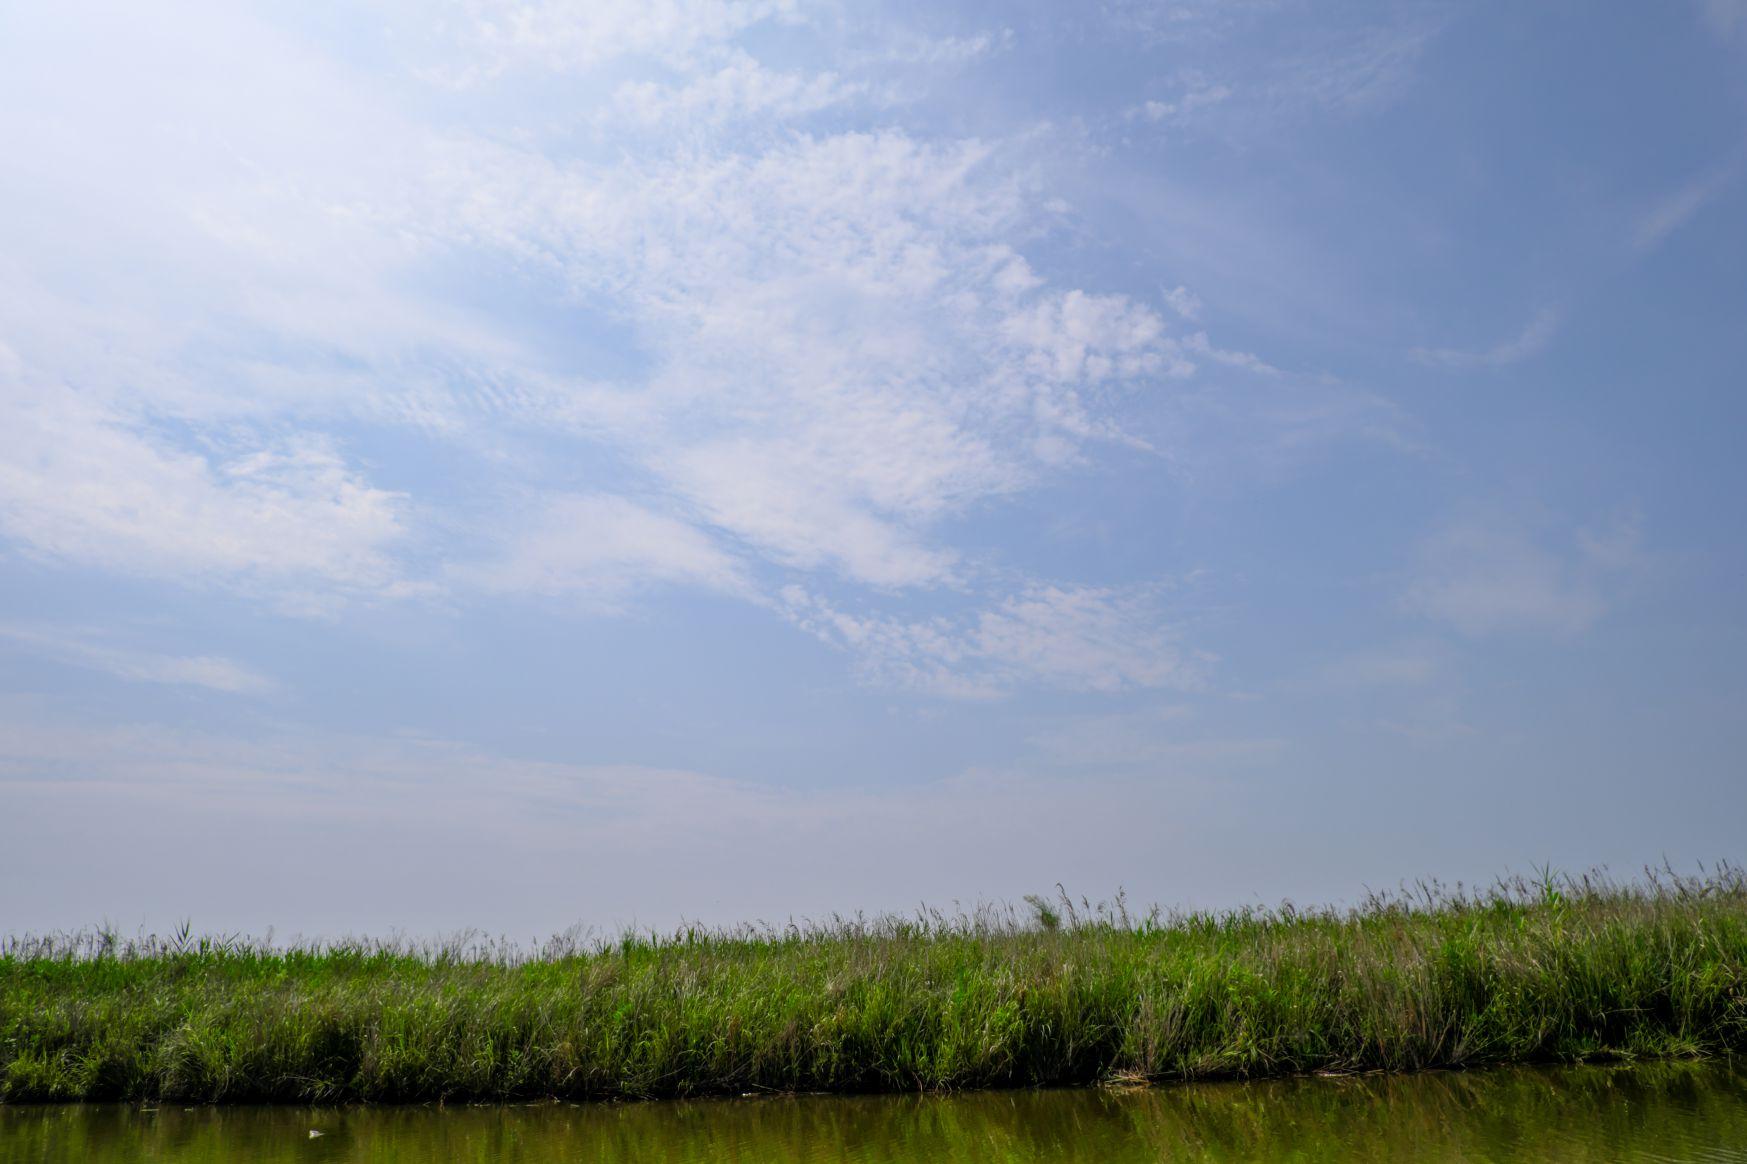 湖边天空照片 - 免费商用